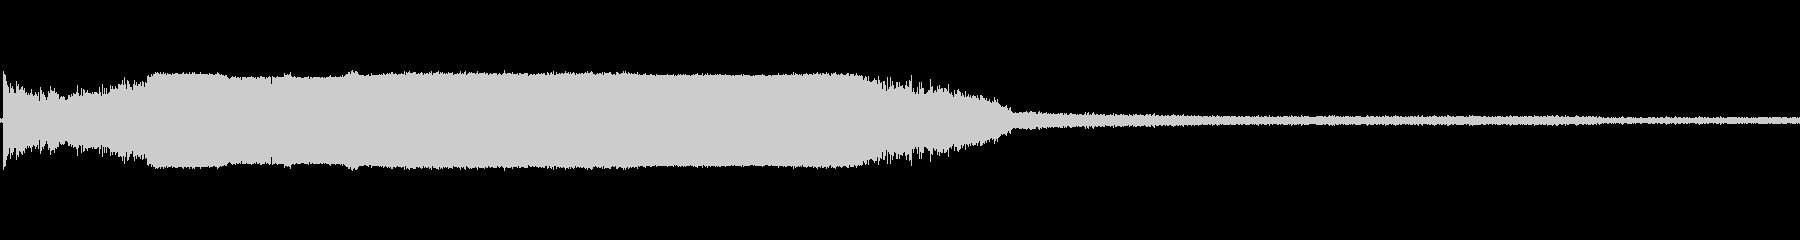 トーチ火炎溶射溶接bの未再生の波形